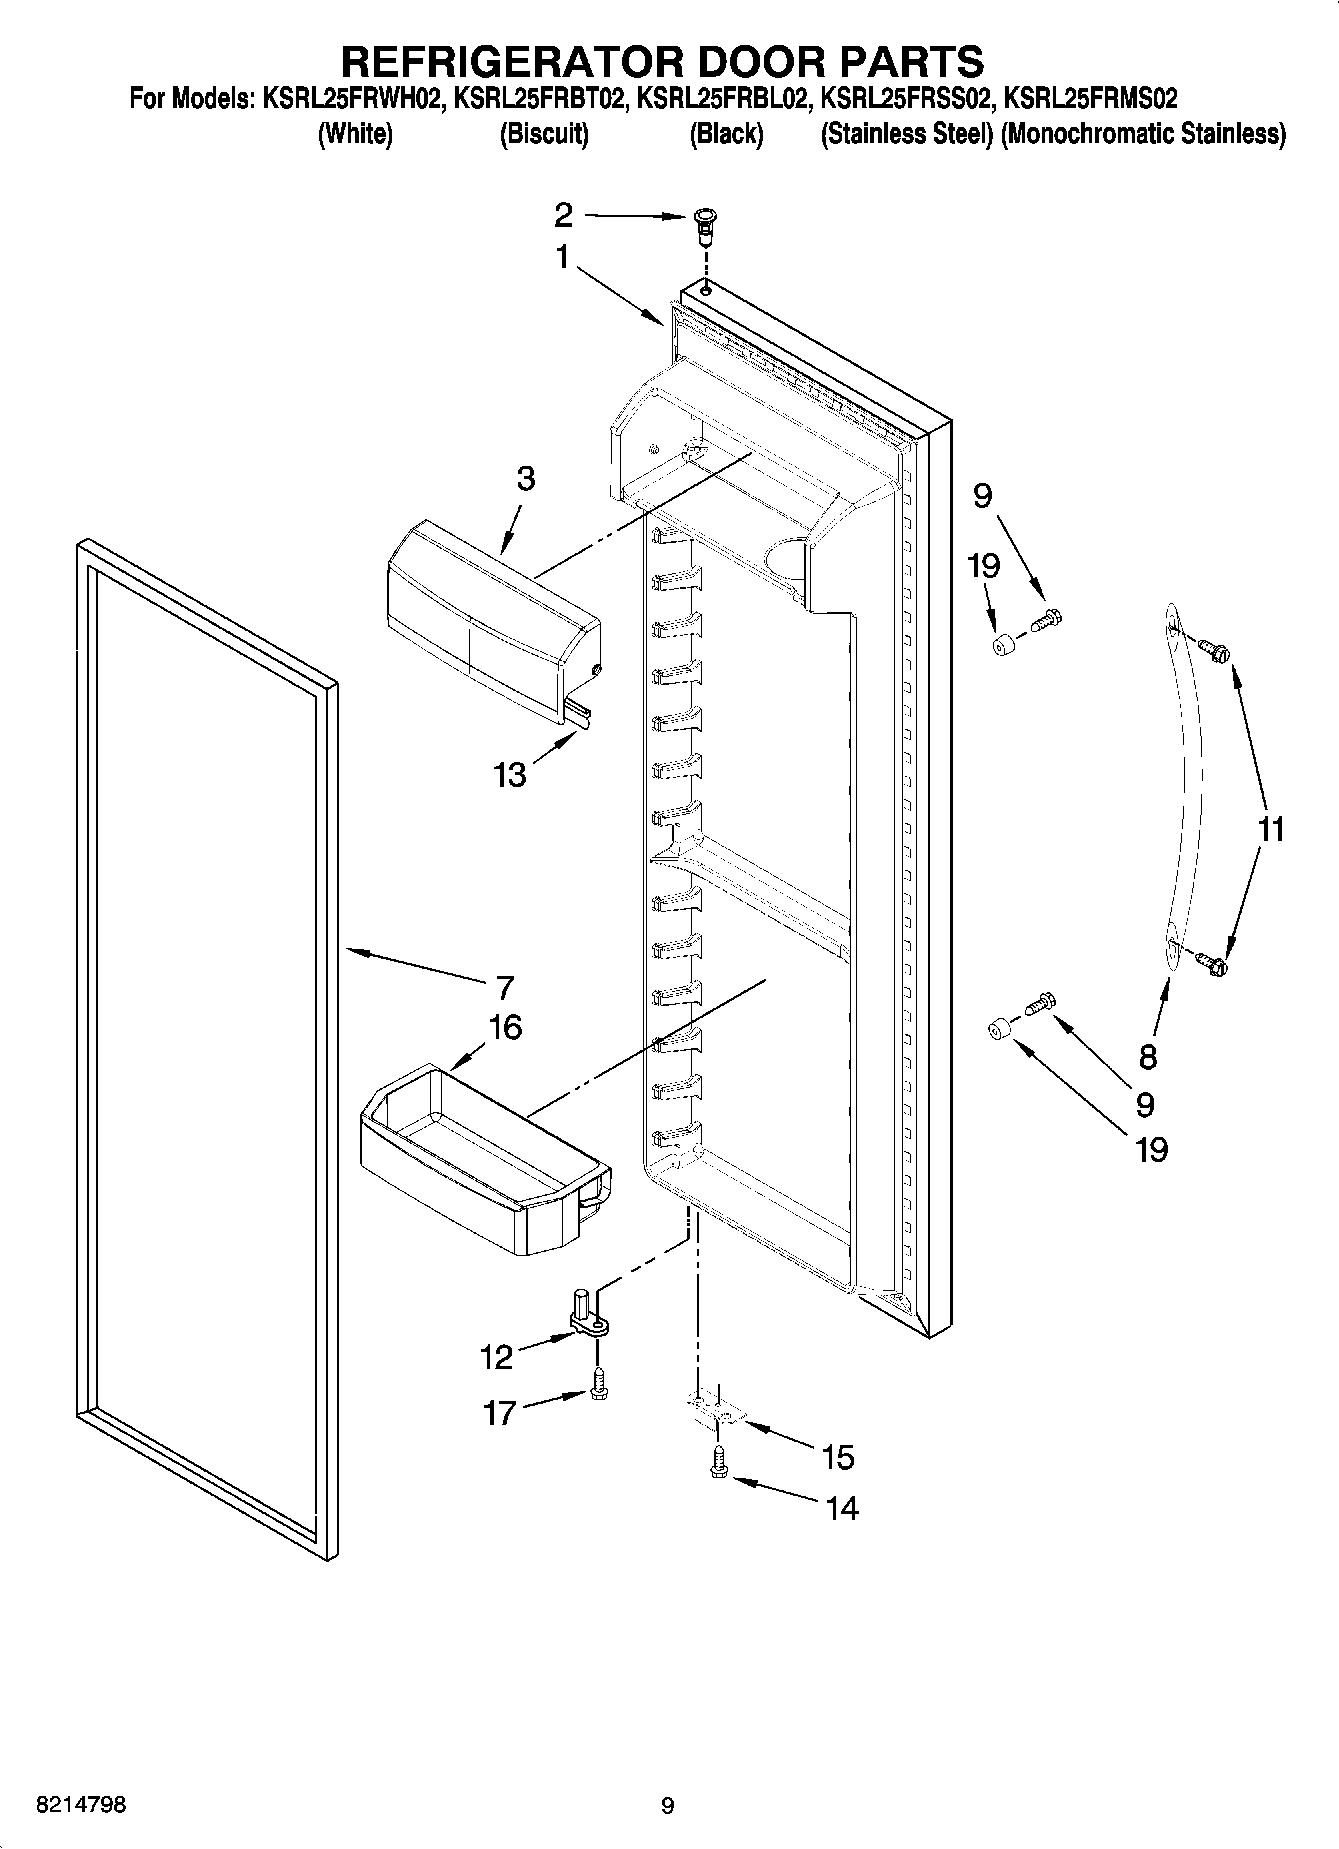 KSRL25FRBT02